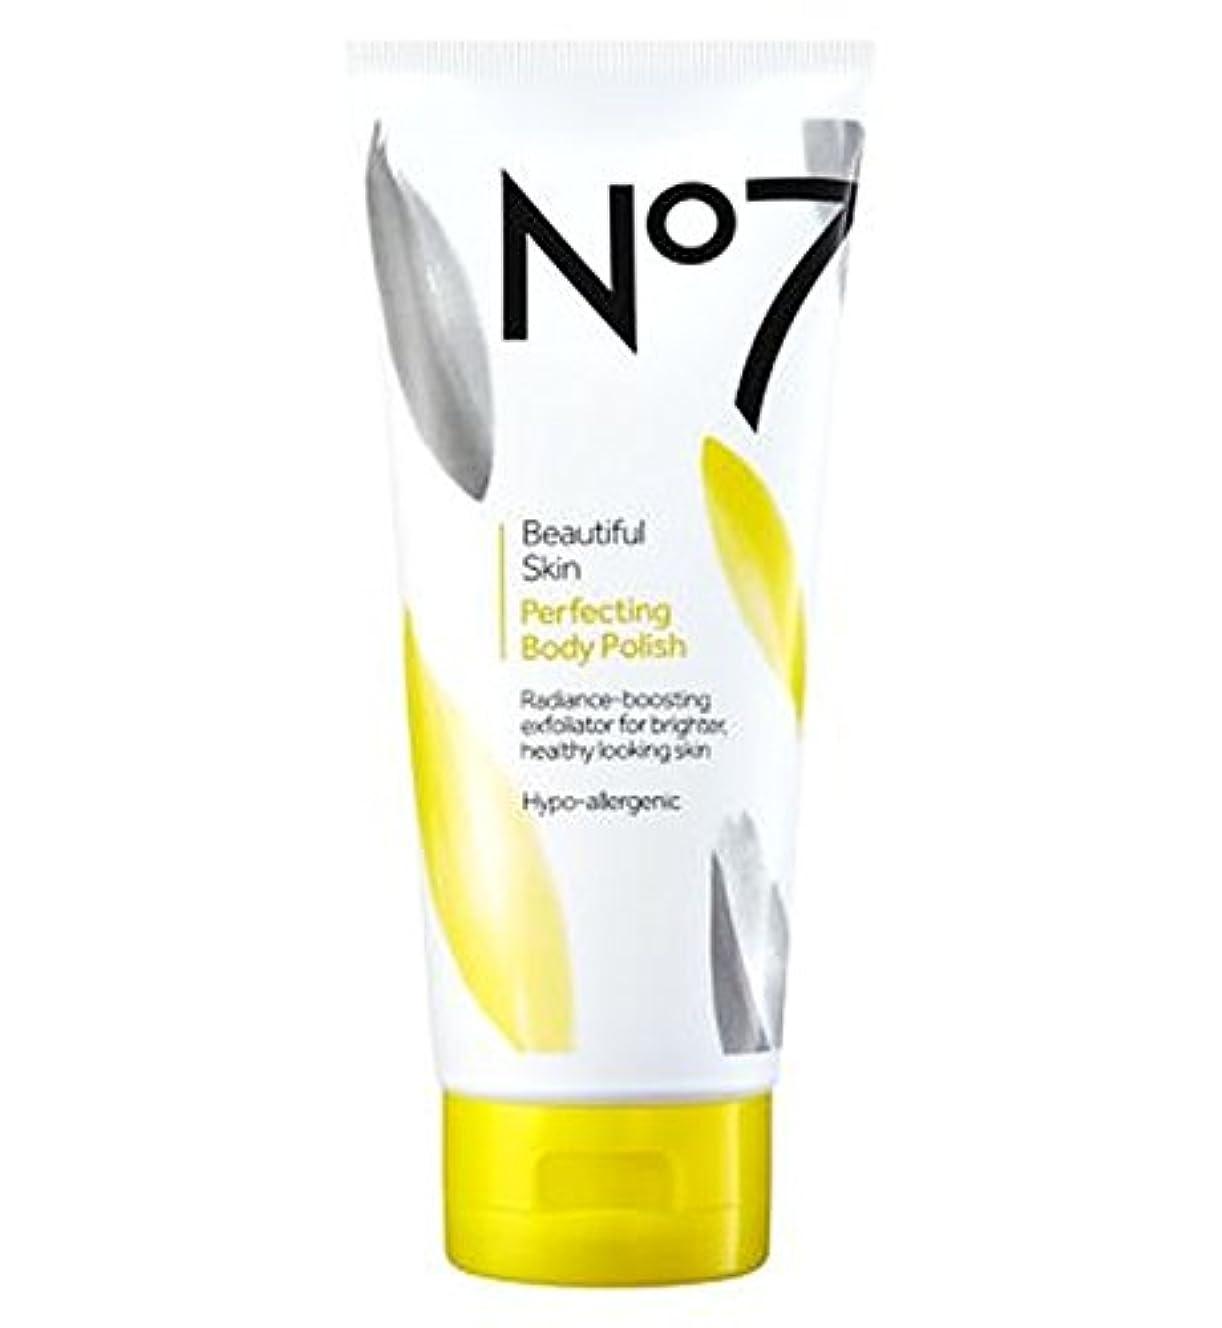 火炎エコーこれらNo7 Beautiful Skin Perfecting Body Polish - ボディポリッシュを完成No7美肌 (No7) [並行輸入品]